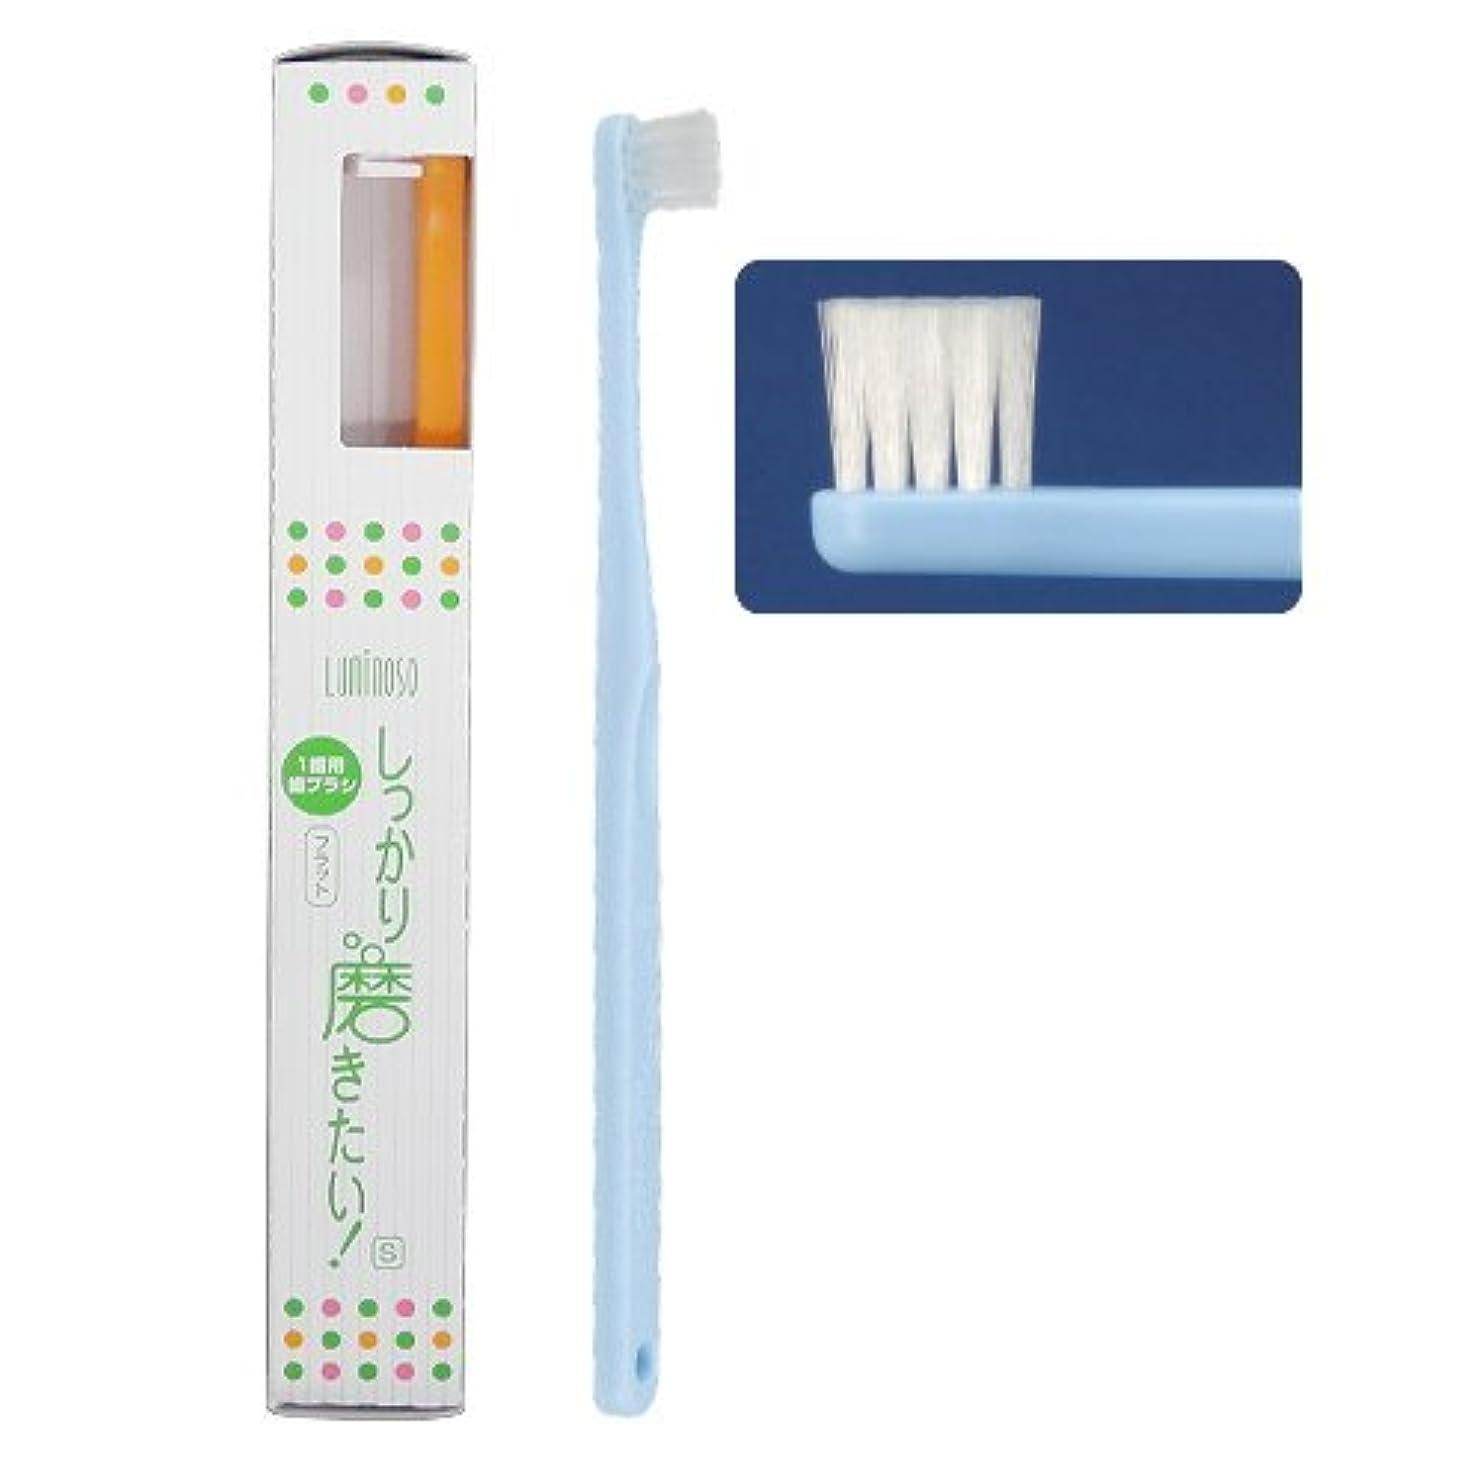 ポット水銀の燃やすルミノソ 1歯用歯ブラシ 「しっかり磨きたい!」 フラット ソフト (カラー指定不可) 10本